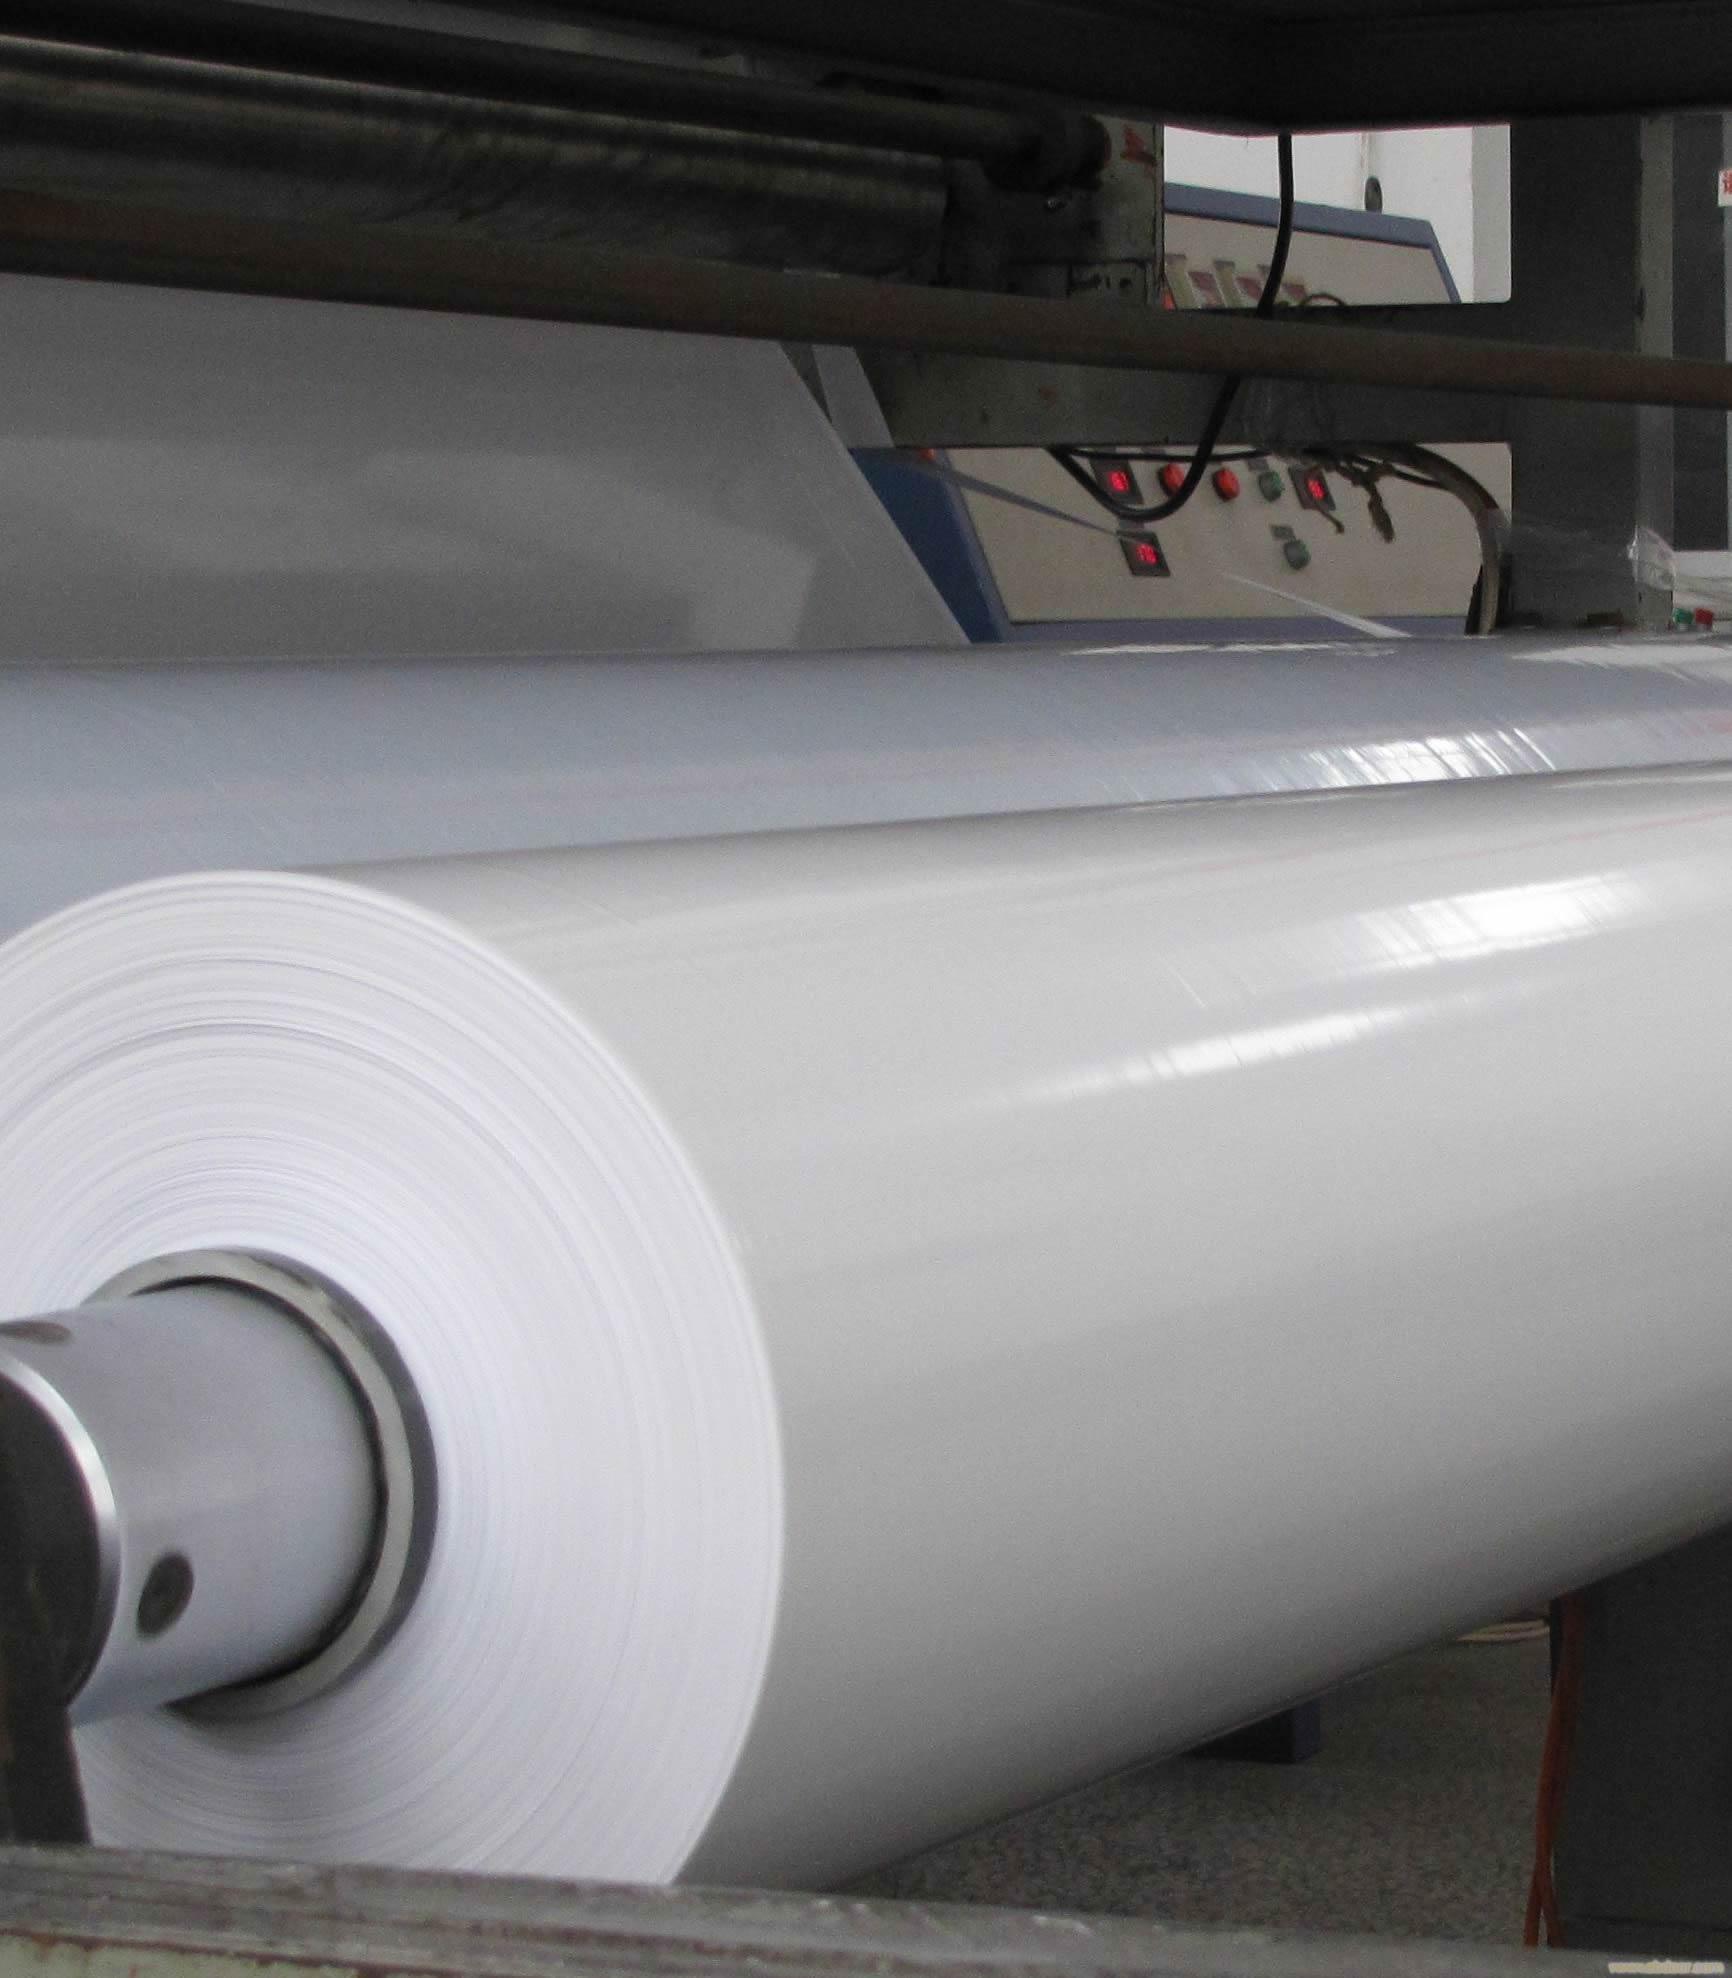 Пластик фильм сгущаться украшение мебель пыленепроницаемый защита пластик черная ткань белый мембрана нет падения фильм дождь водонепроницаемый большой фильмы